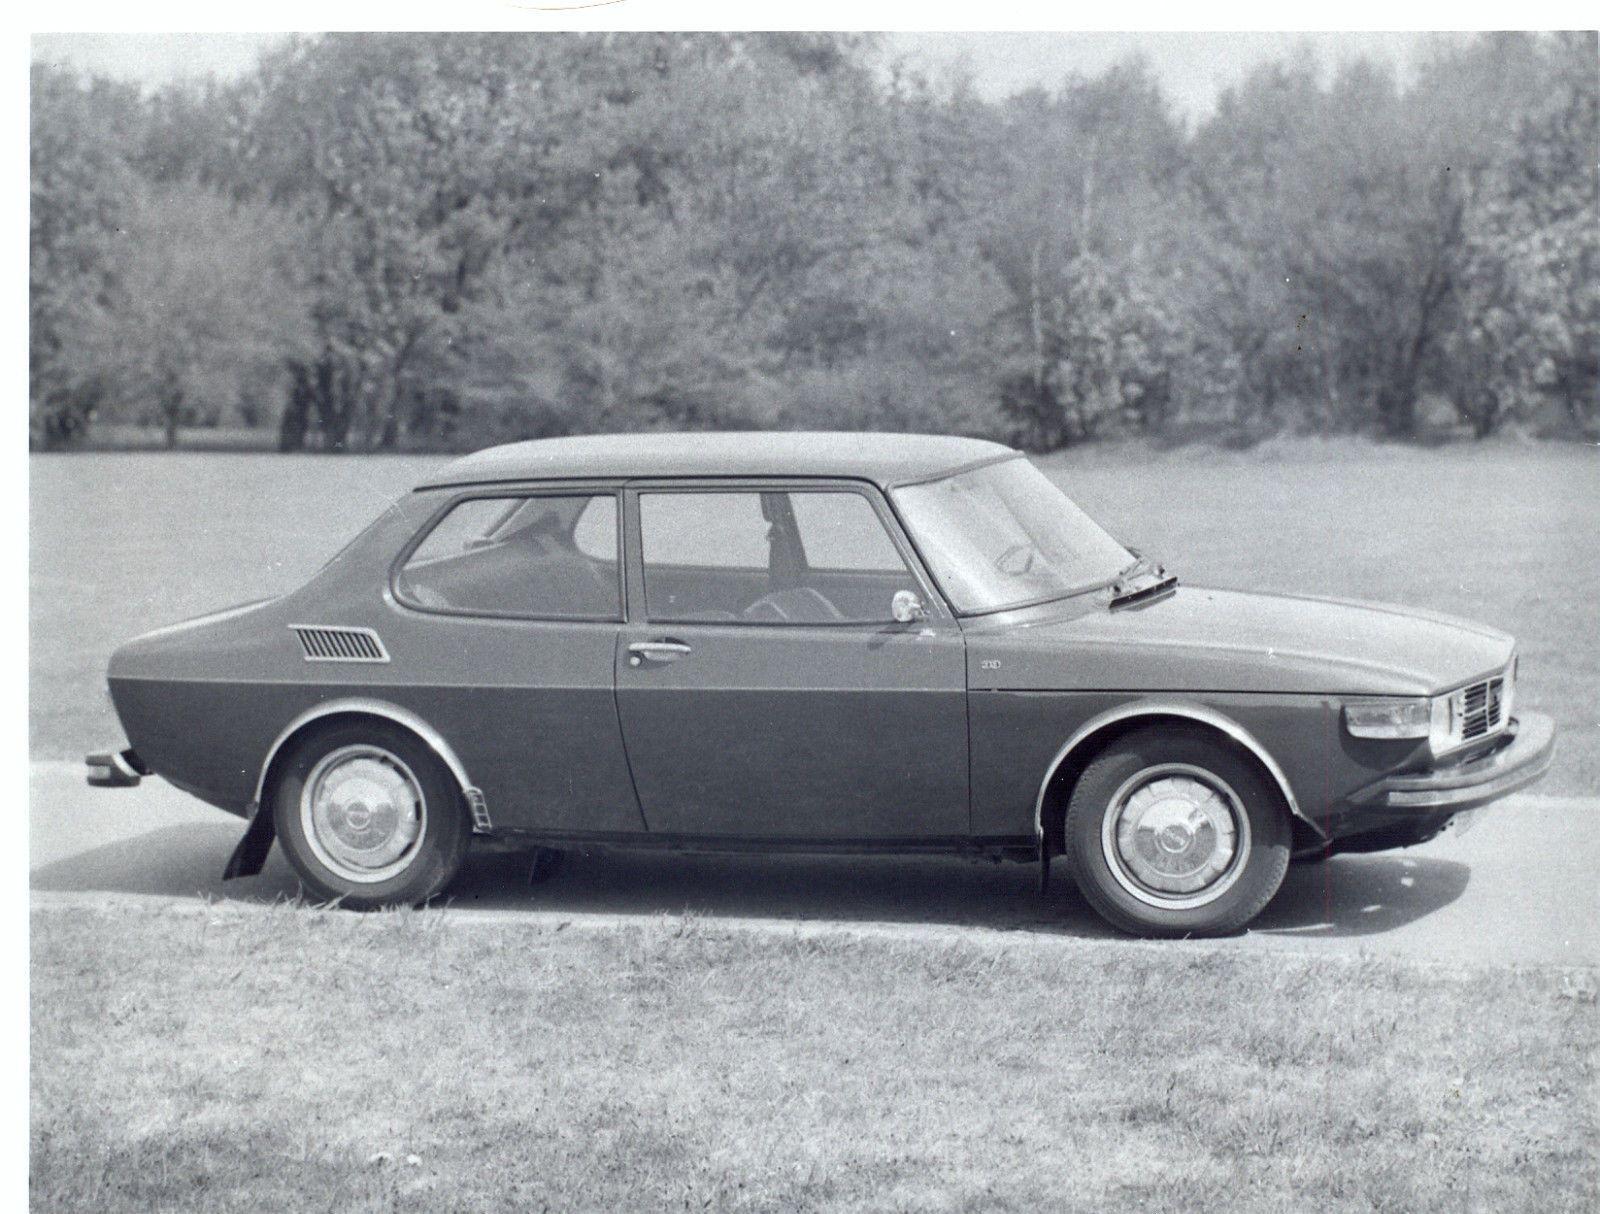 Saab 99 1975 Saab, Saab automobile, Cars for sale